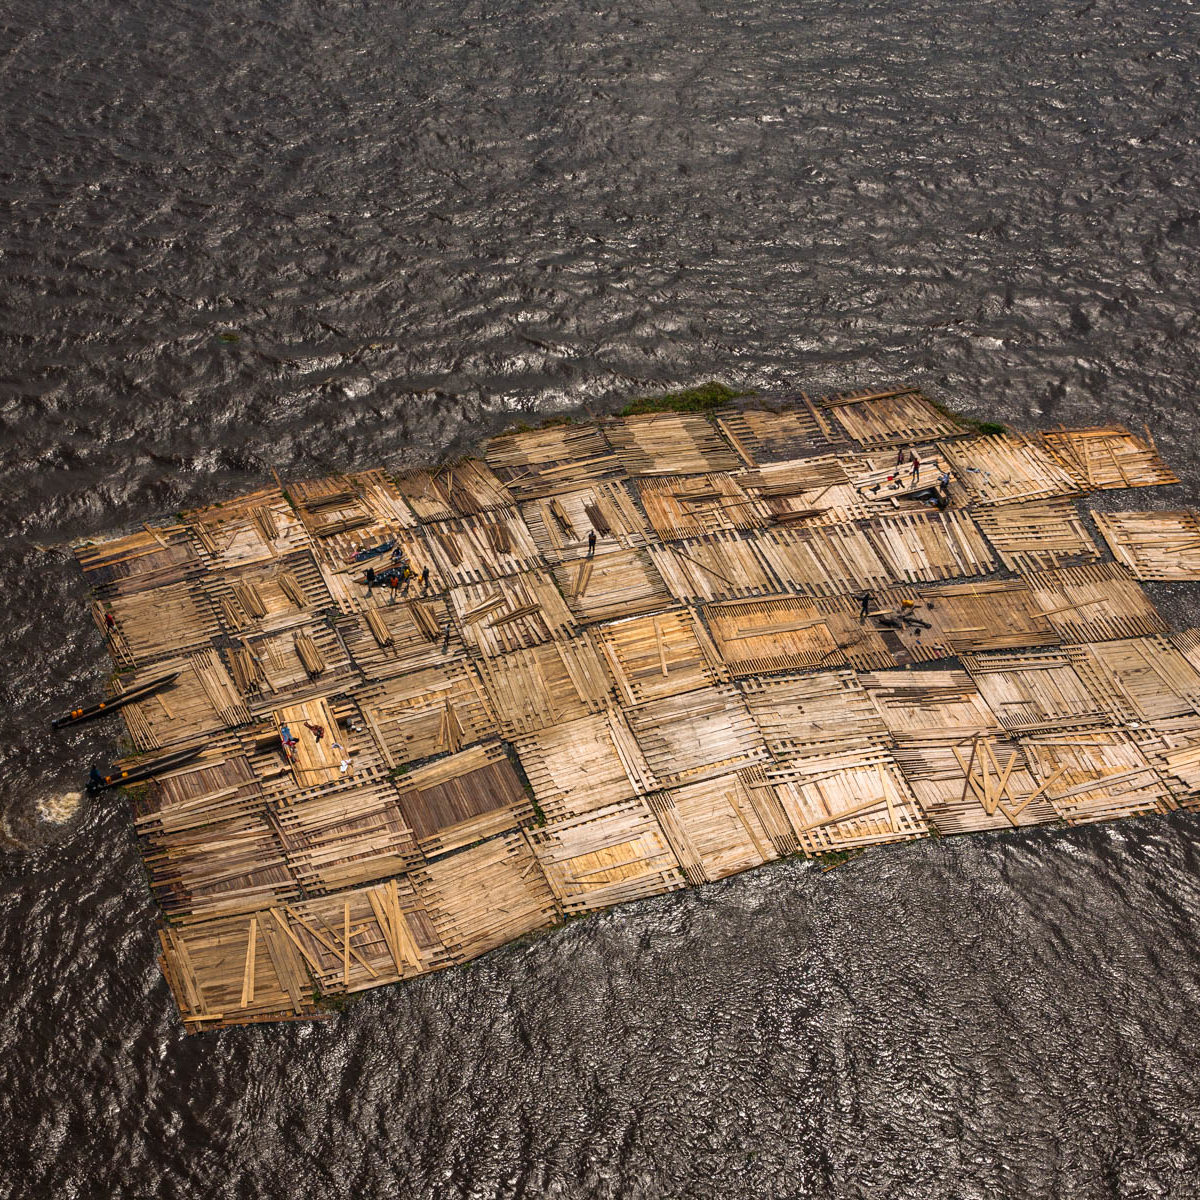 Flottage du bois sur le fleuve Congo, département de Brazzaville, République du Congo. (3°49' S – 15°56' E)